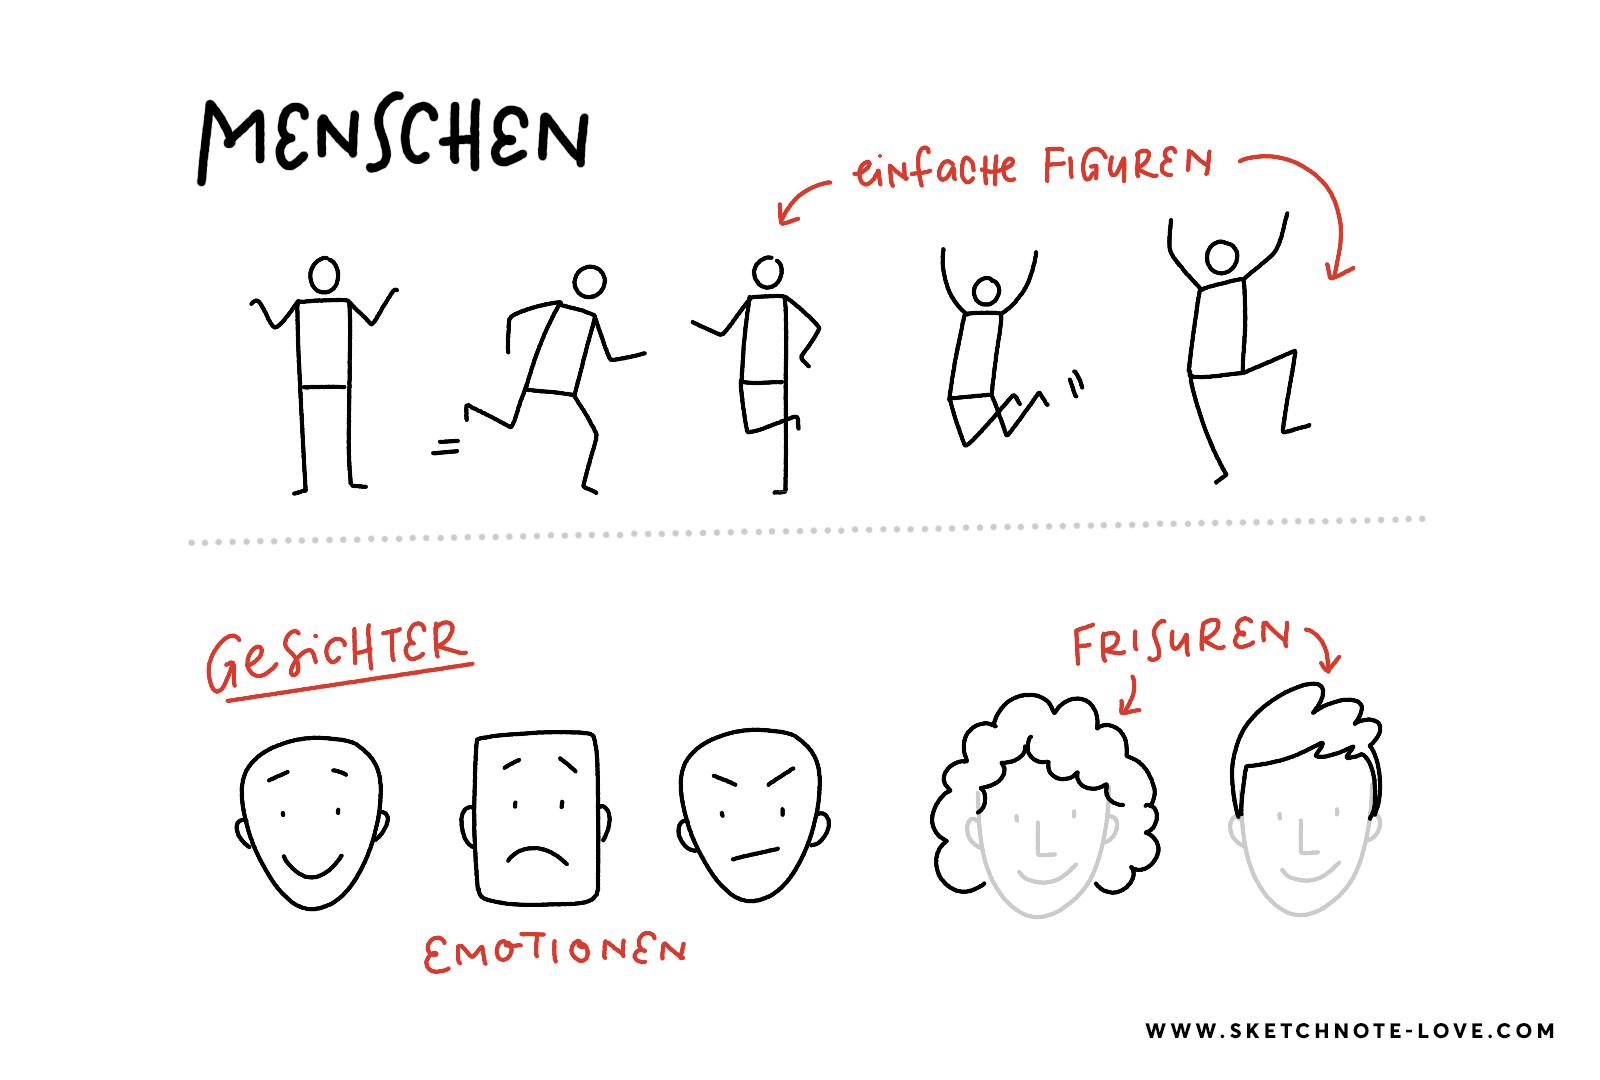 Figuren und Menschen in Sketchnotes